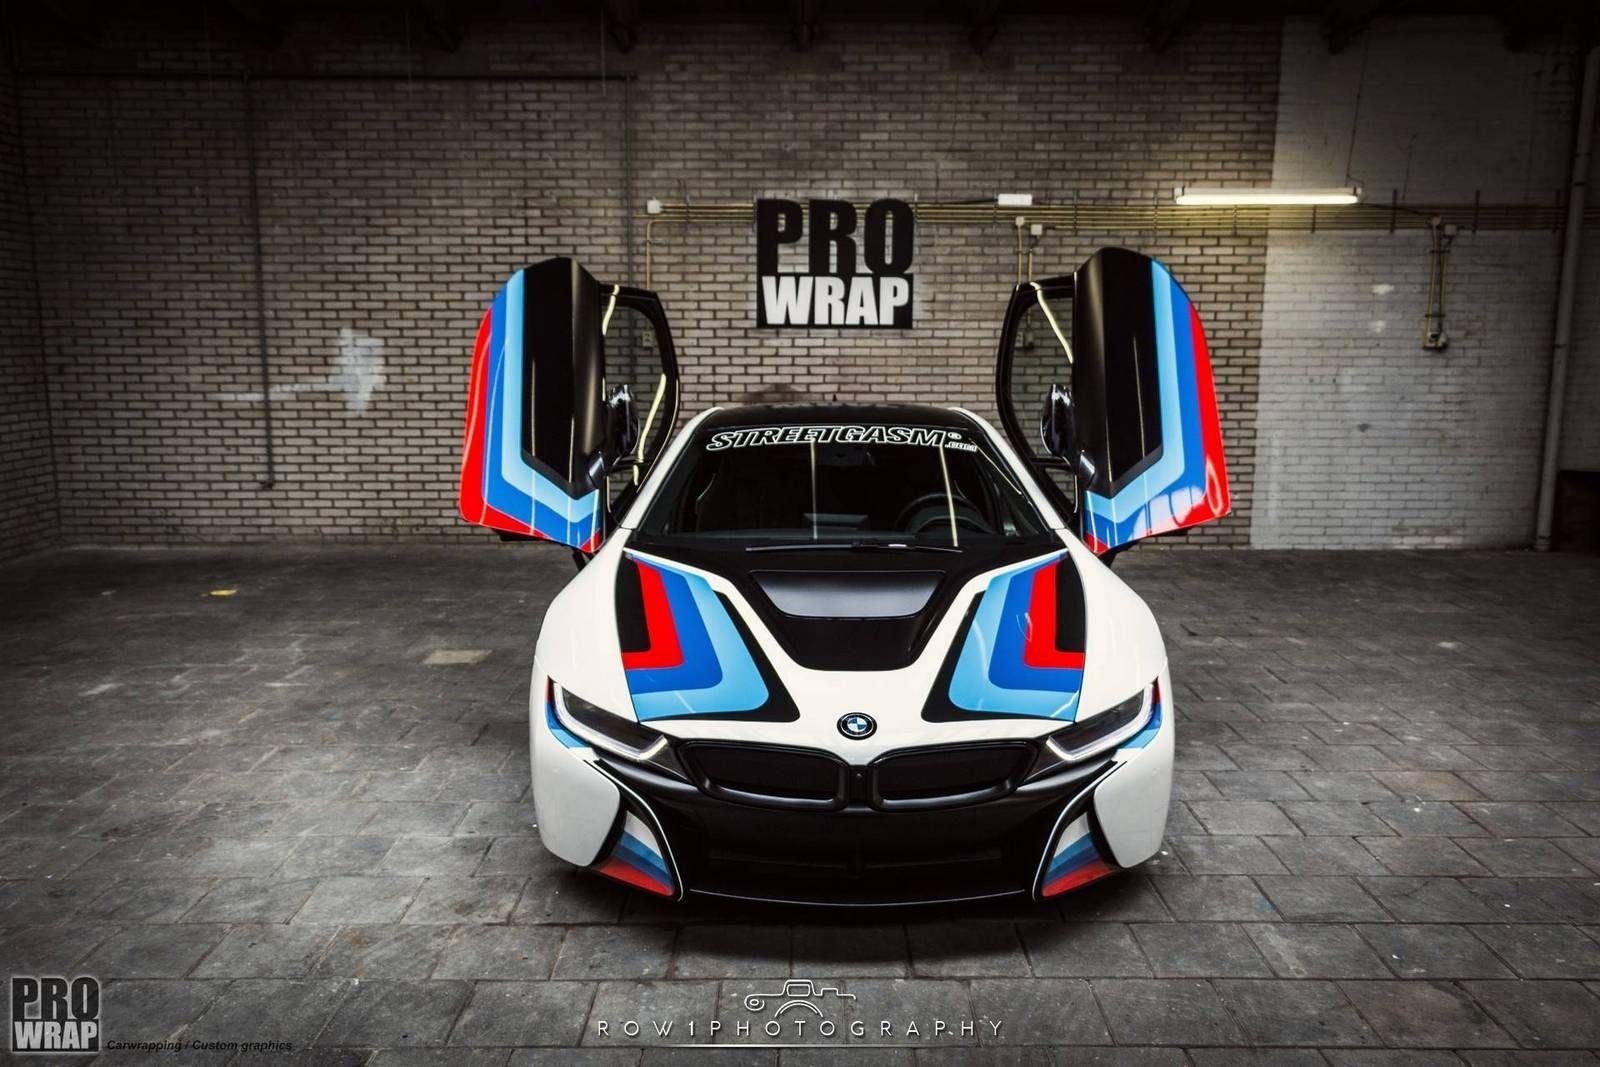 Bmw I8 12 Jpg 1600 1067 Automotive Excellence Pinterest Bmw